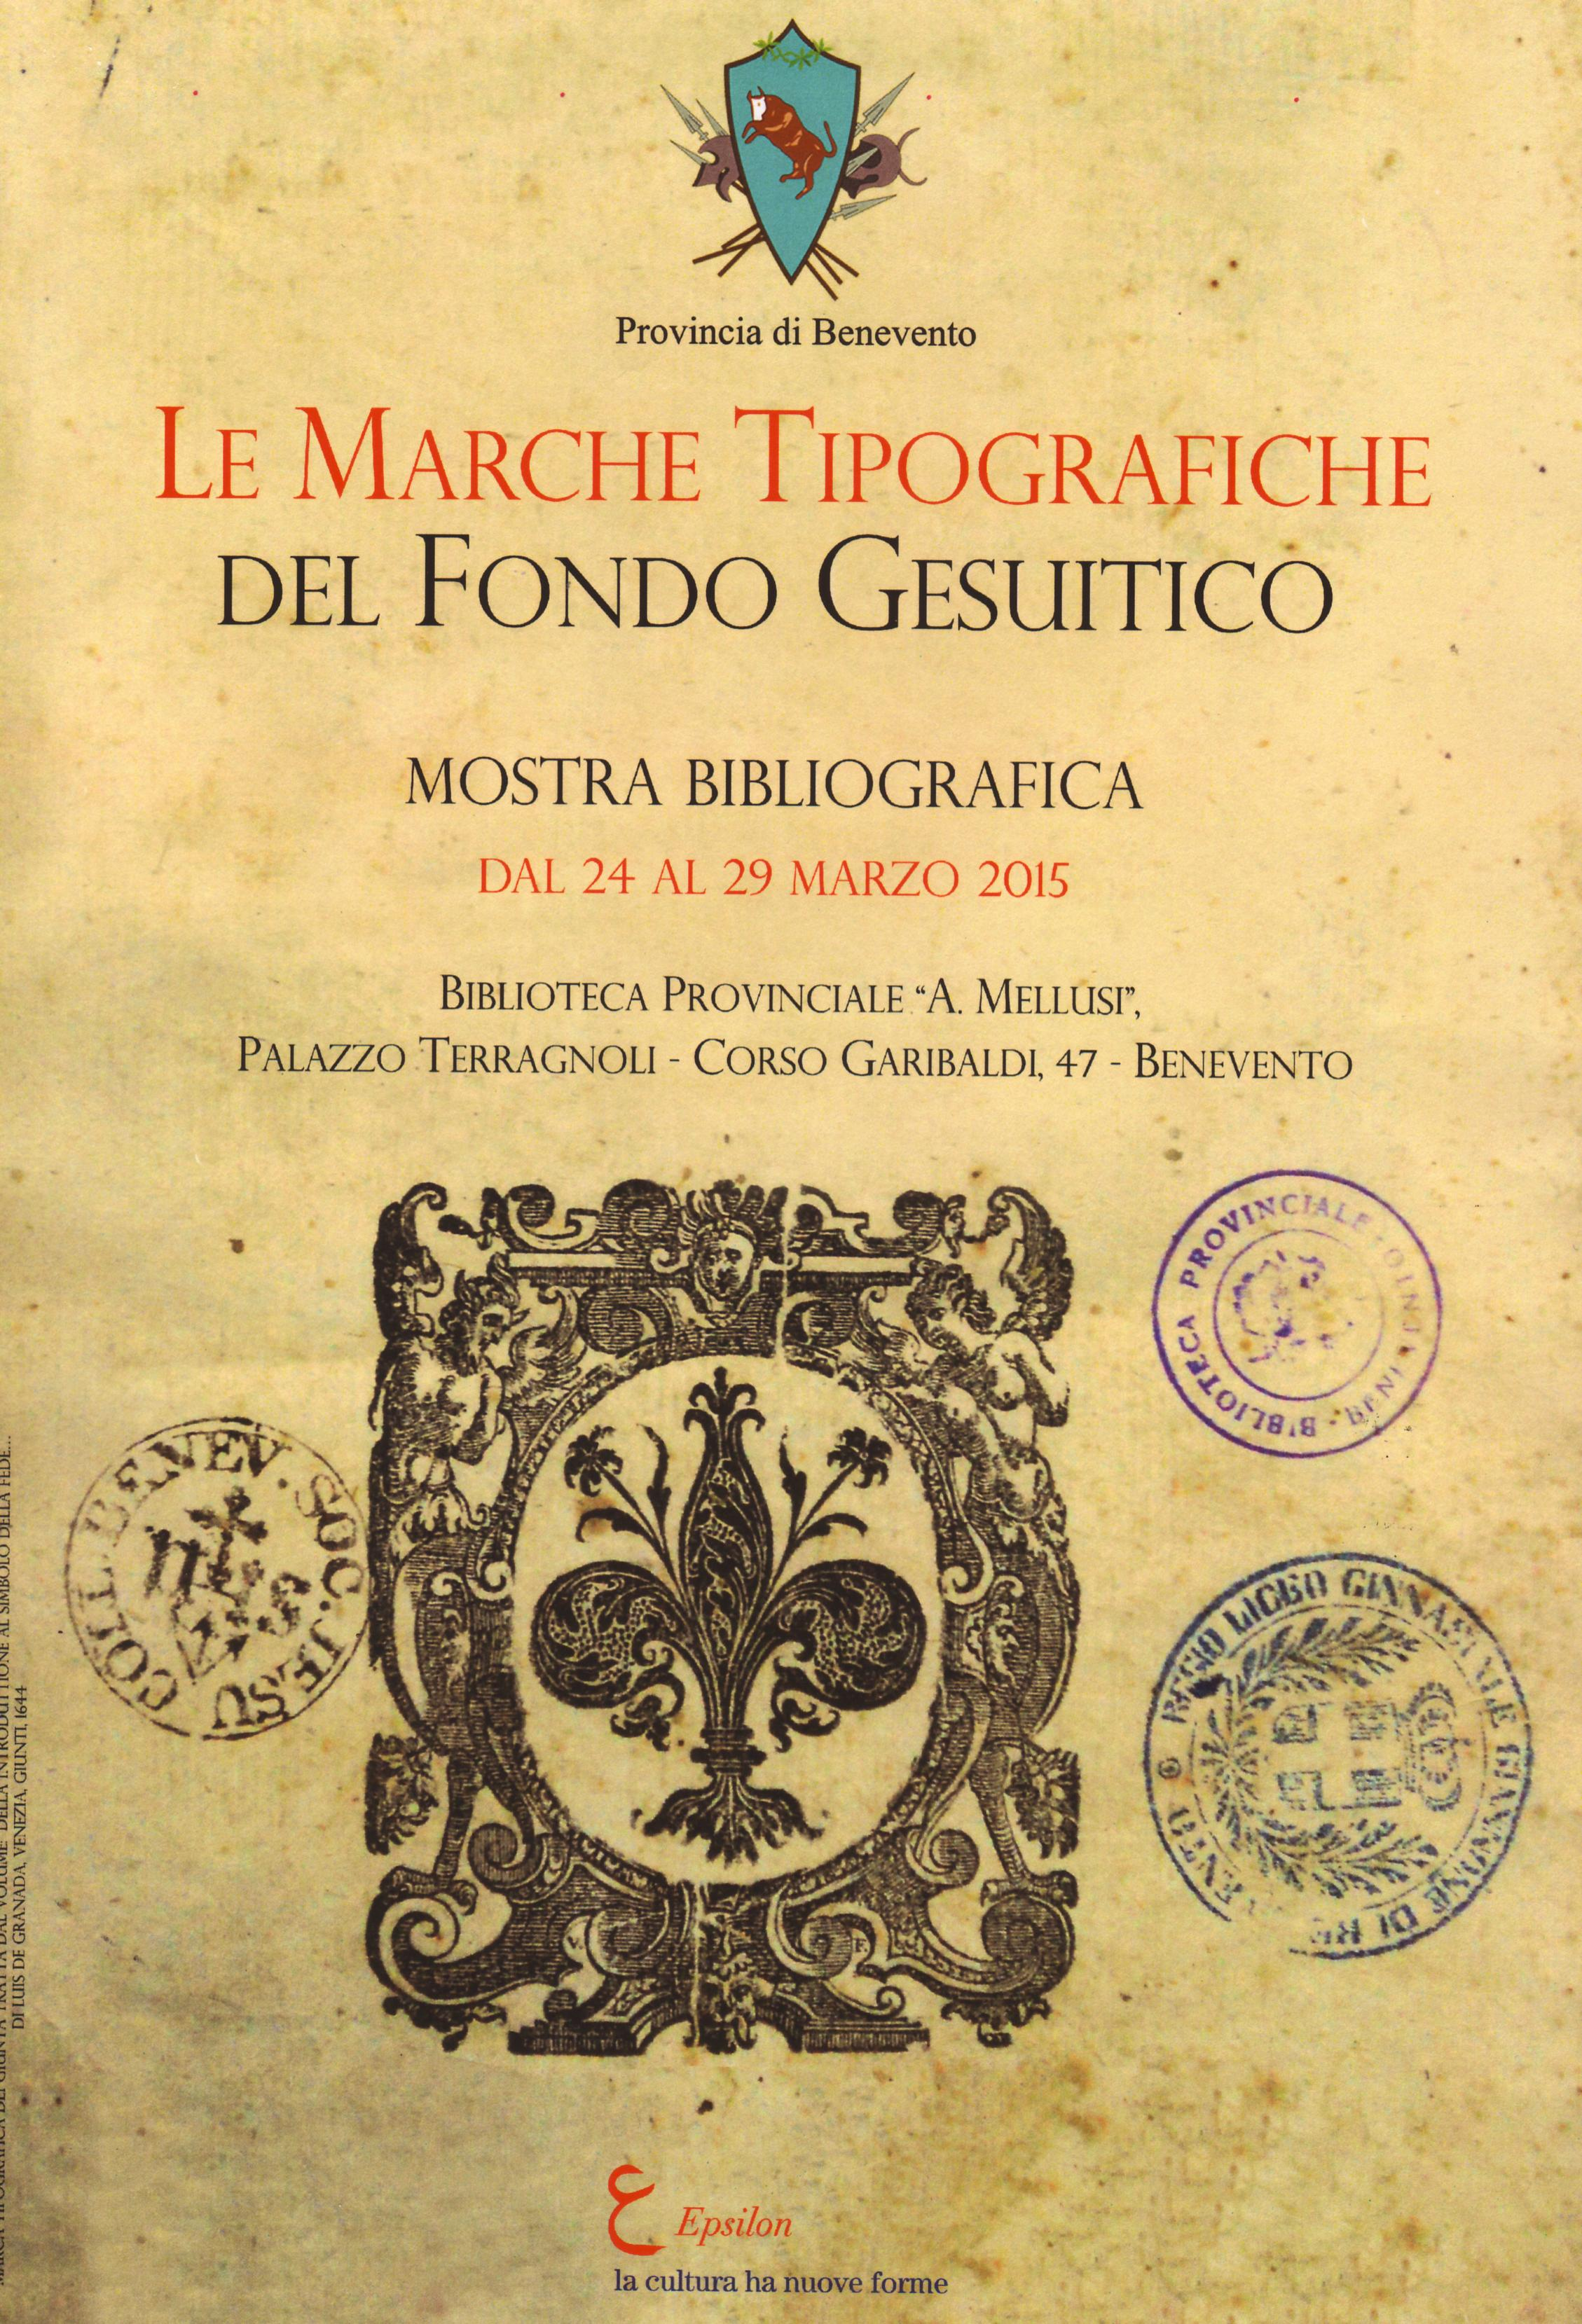 Inaugurazione il 24 marzo della mostra 'Le marche tipografiche del Fondo Gesuitico'